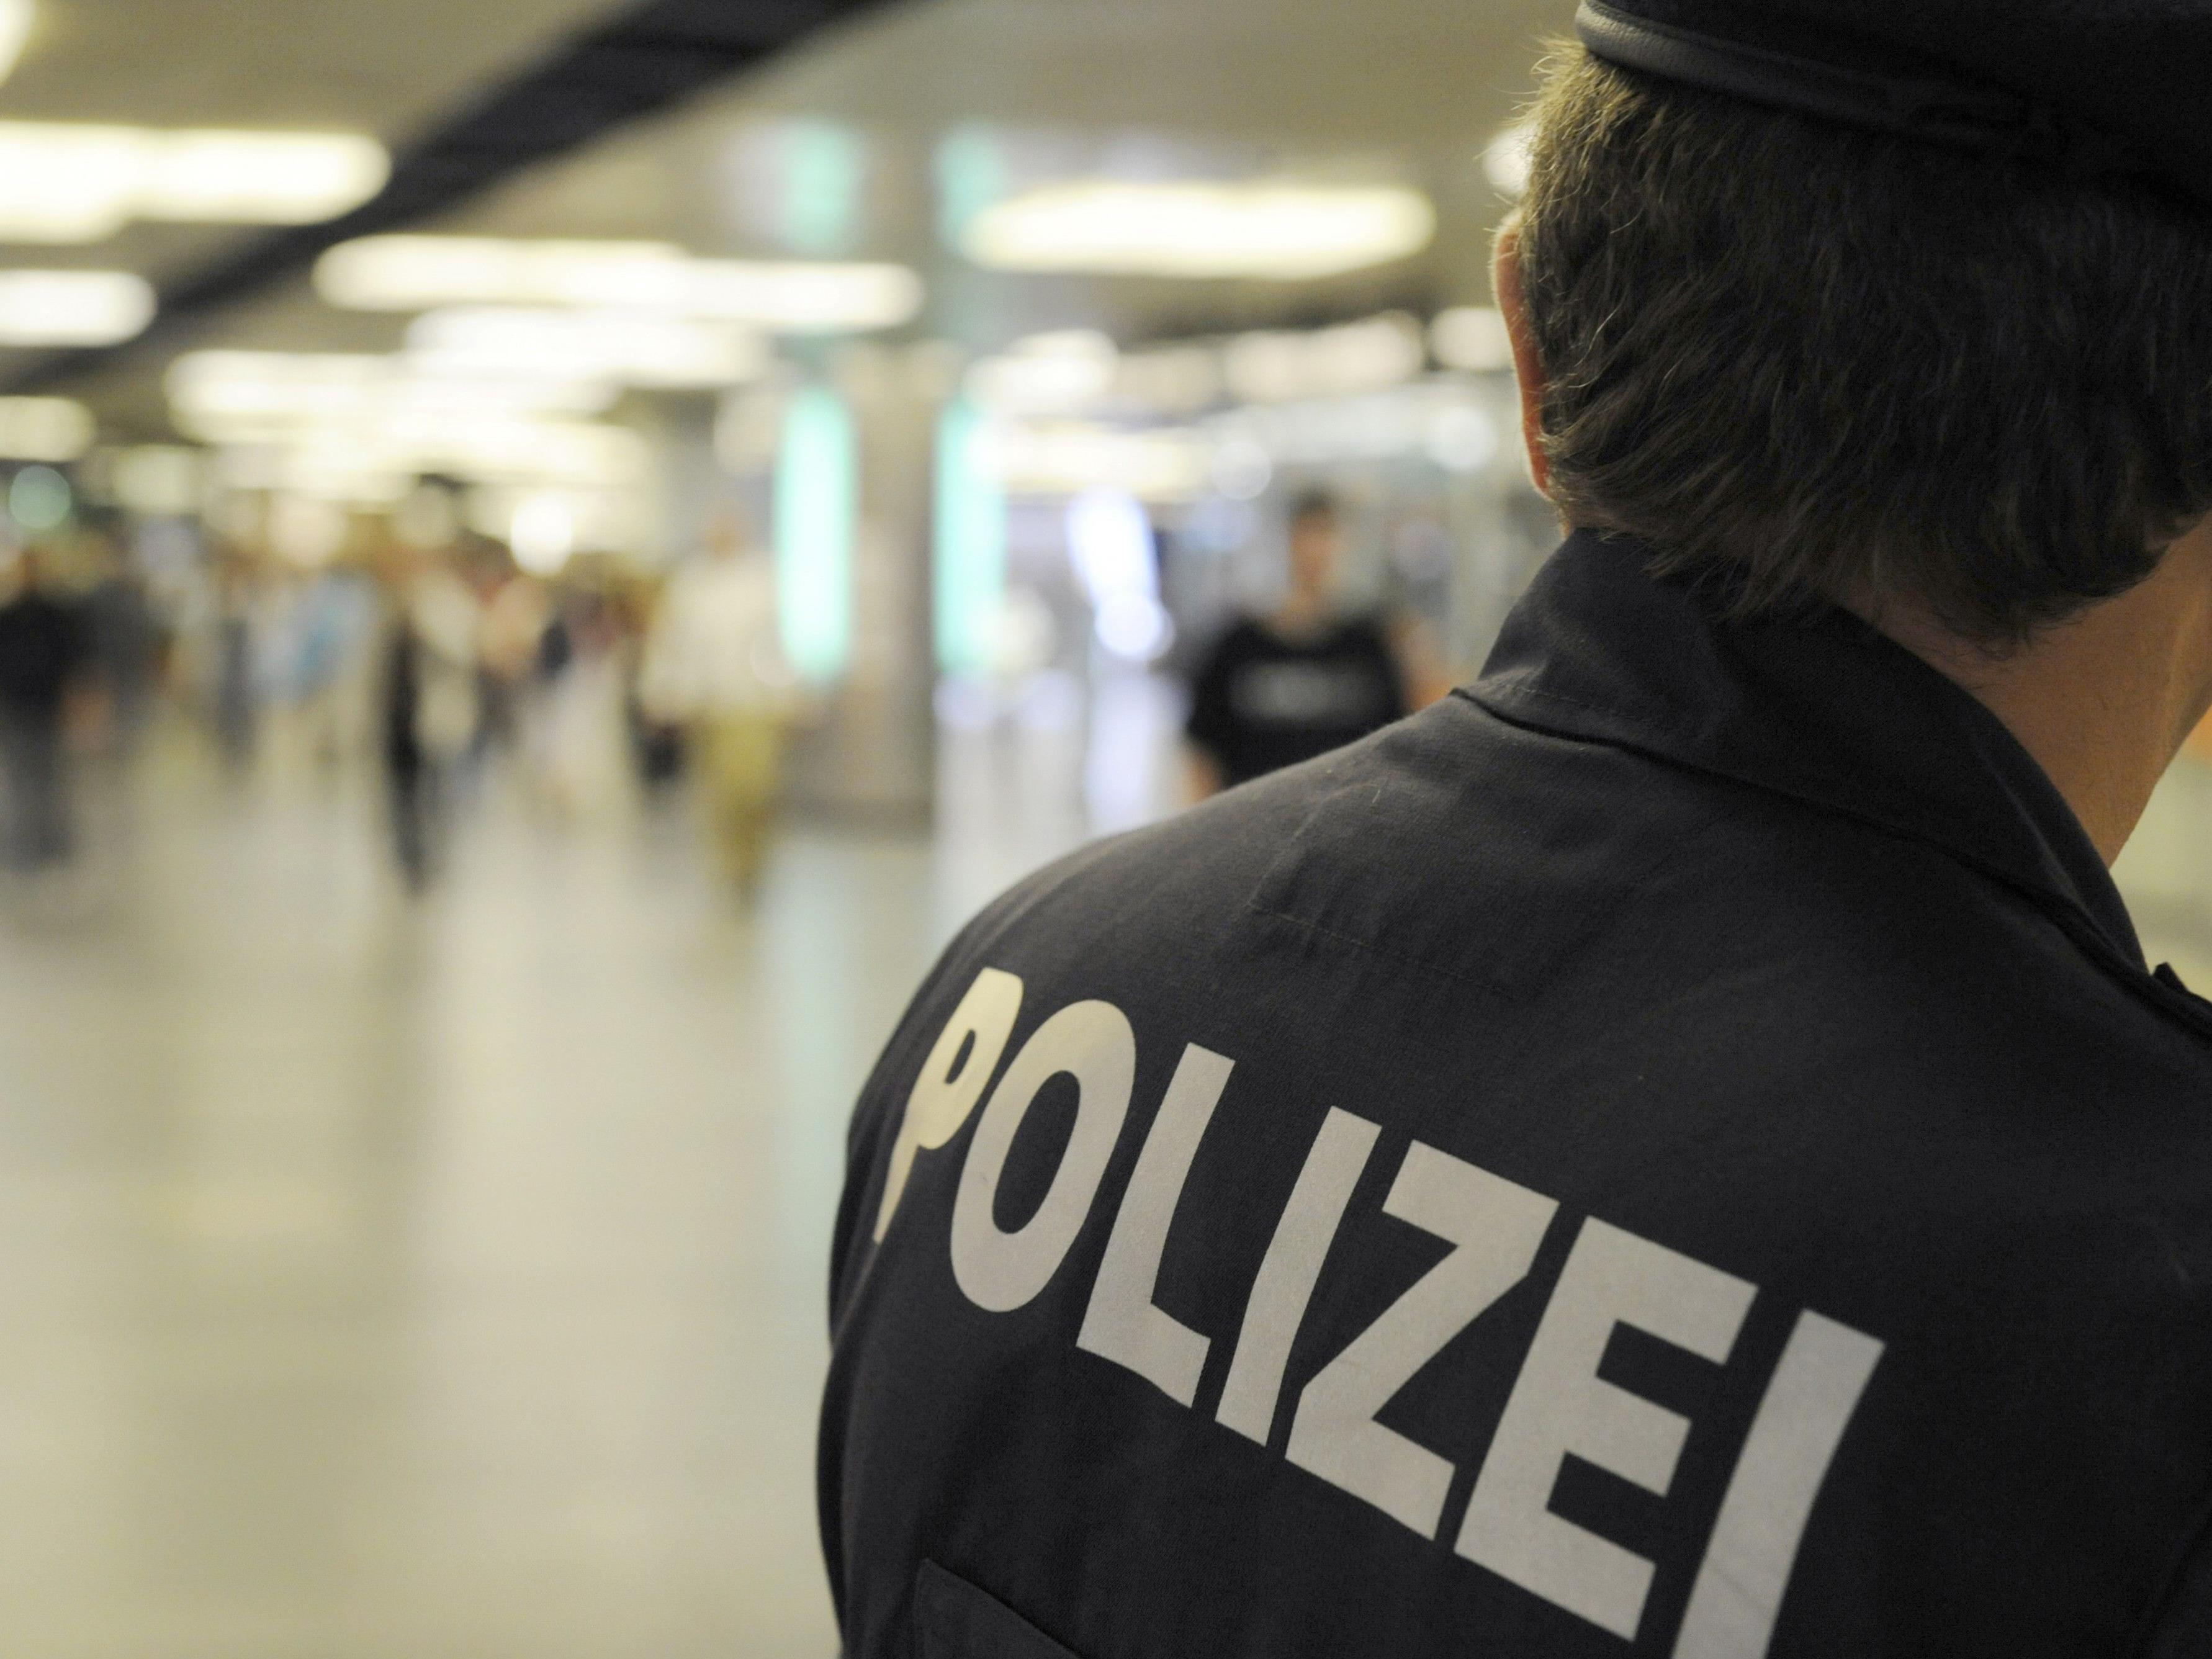 Drei mutmaßliche Dealer wurden am Mittwoch verhaftet